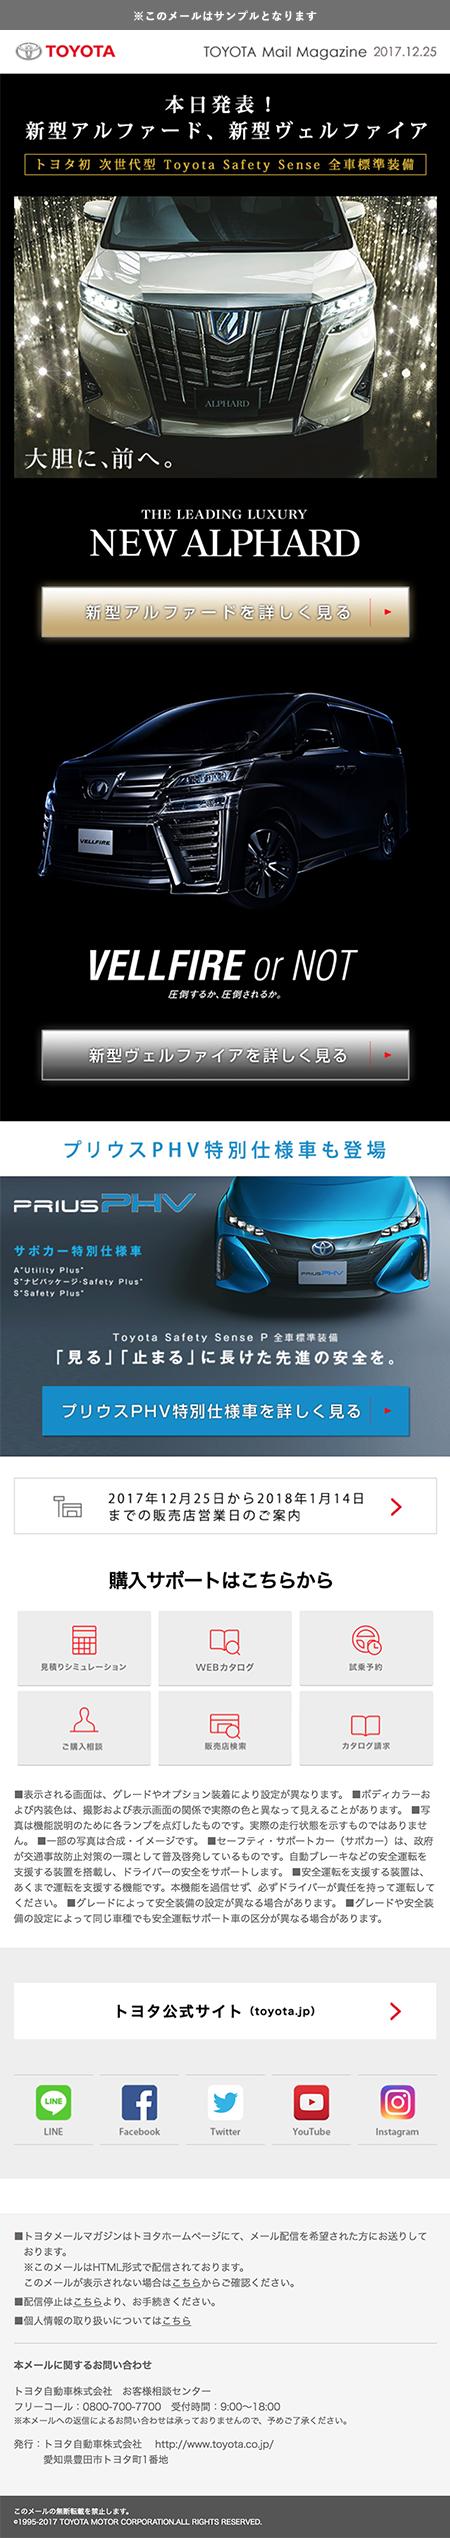 newcar.png